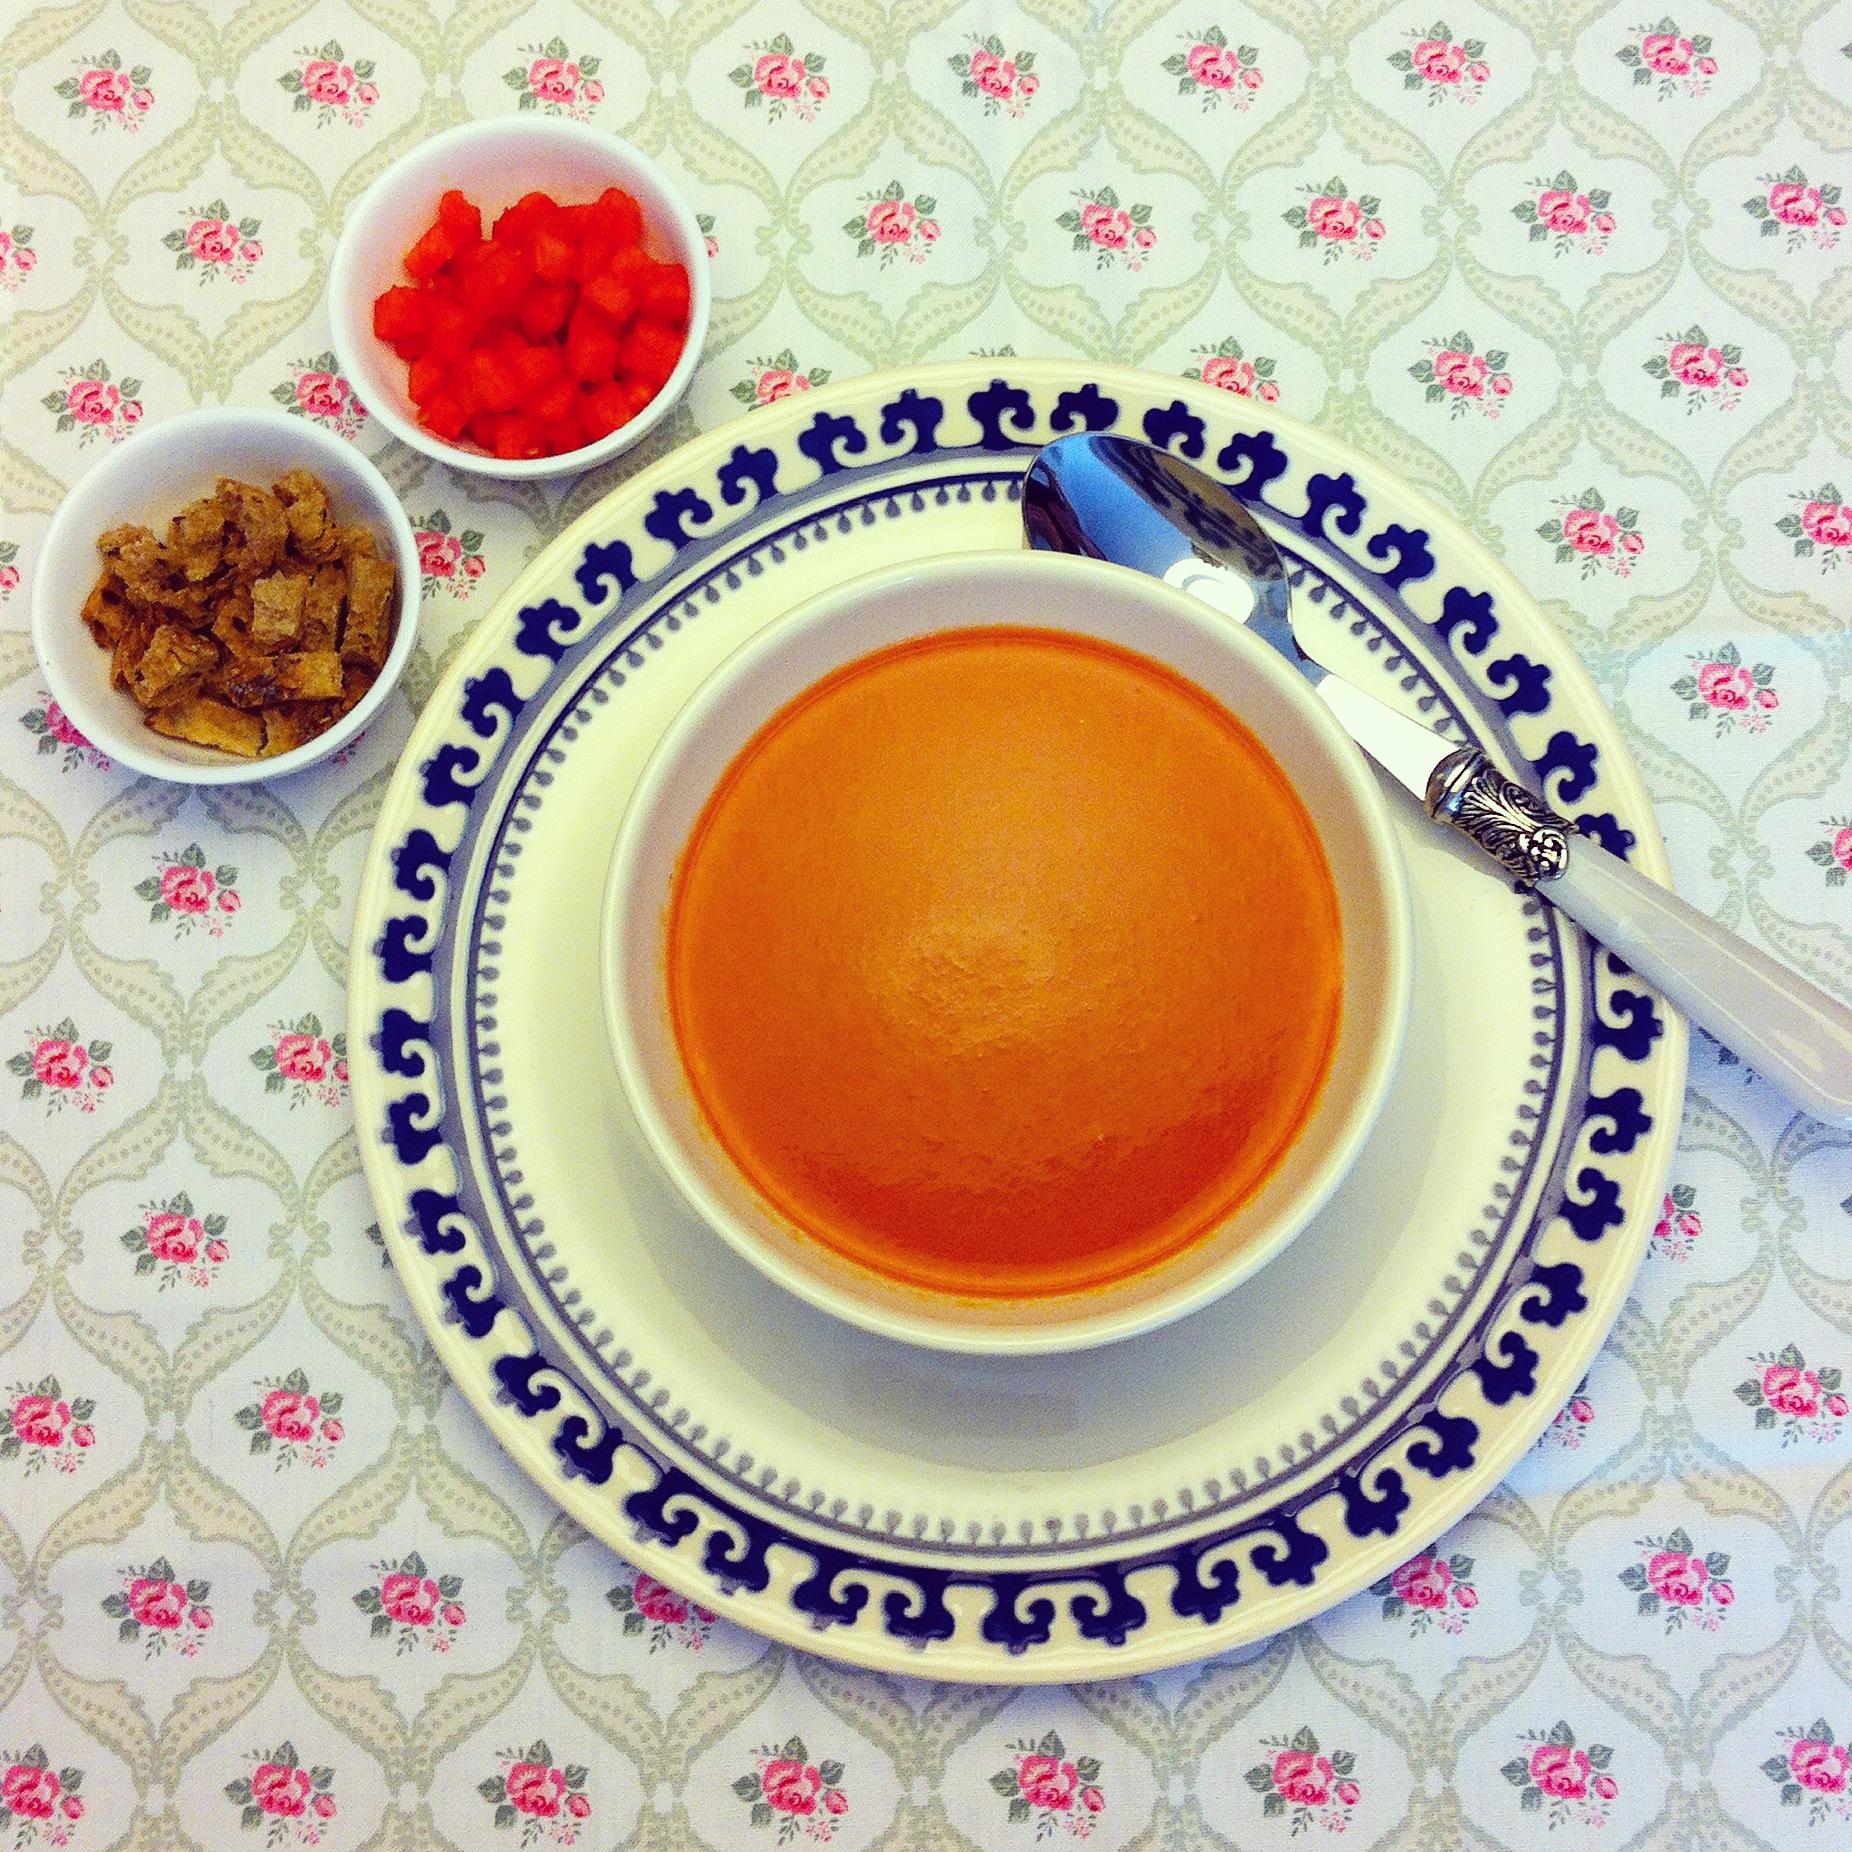 recepta-gazpacho-de-síndria